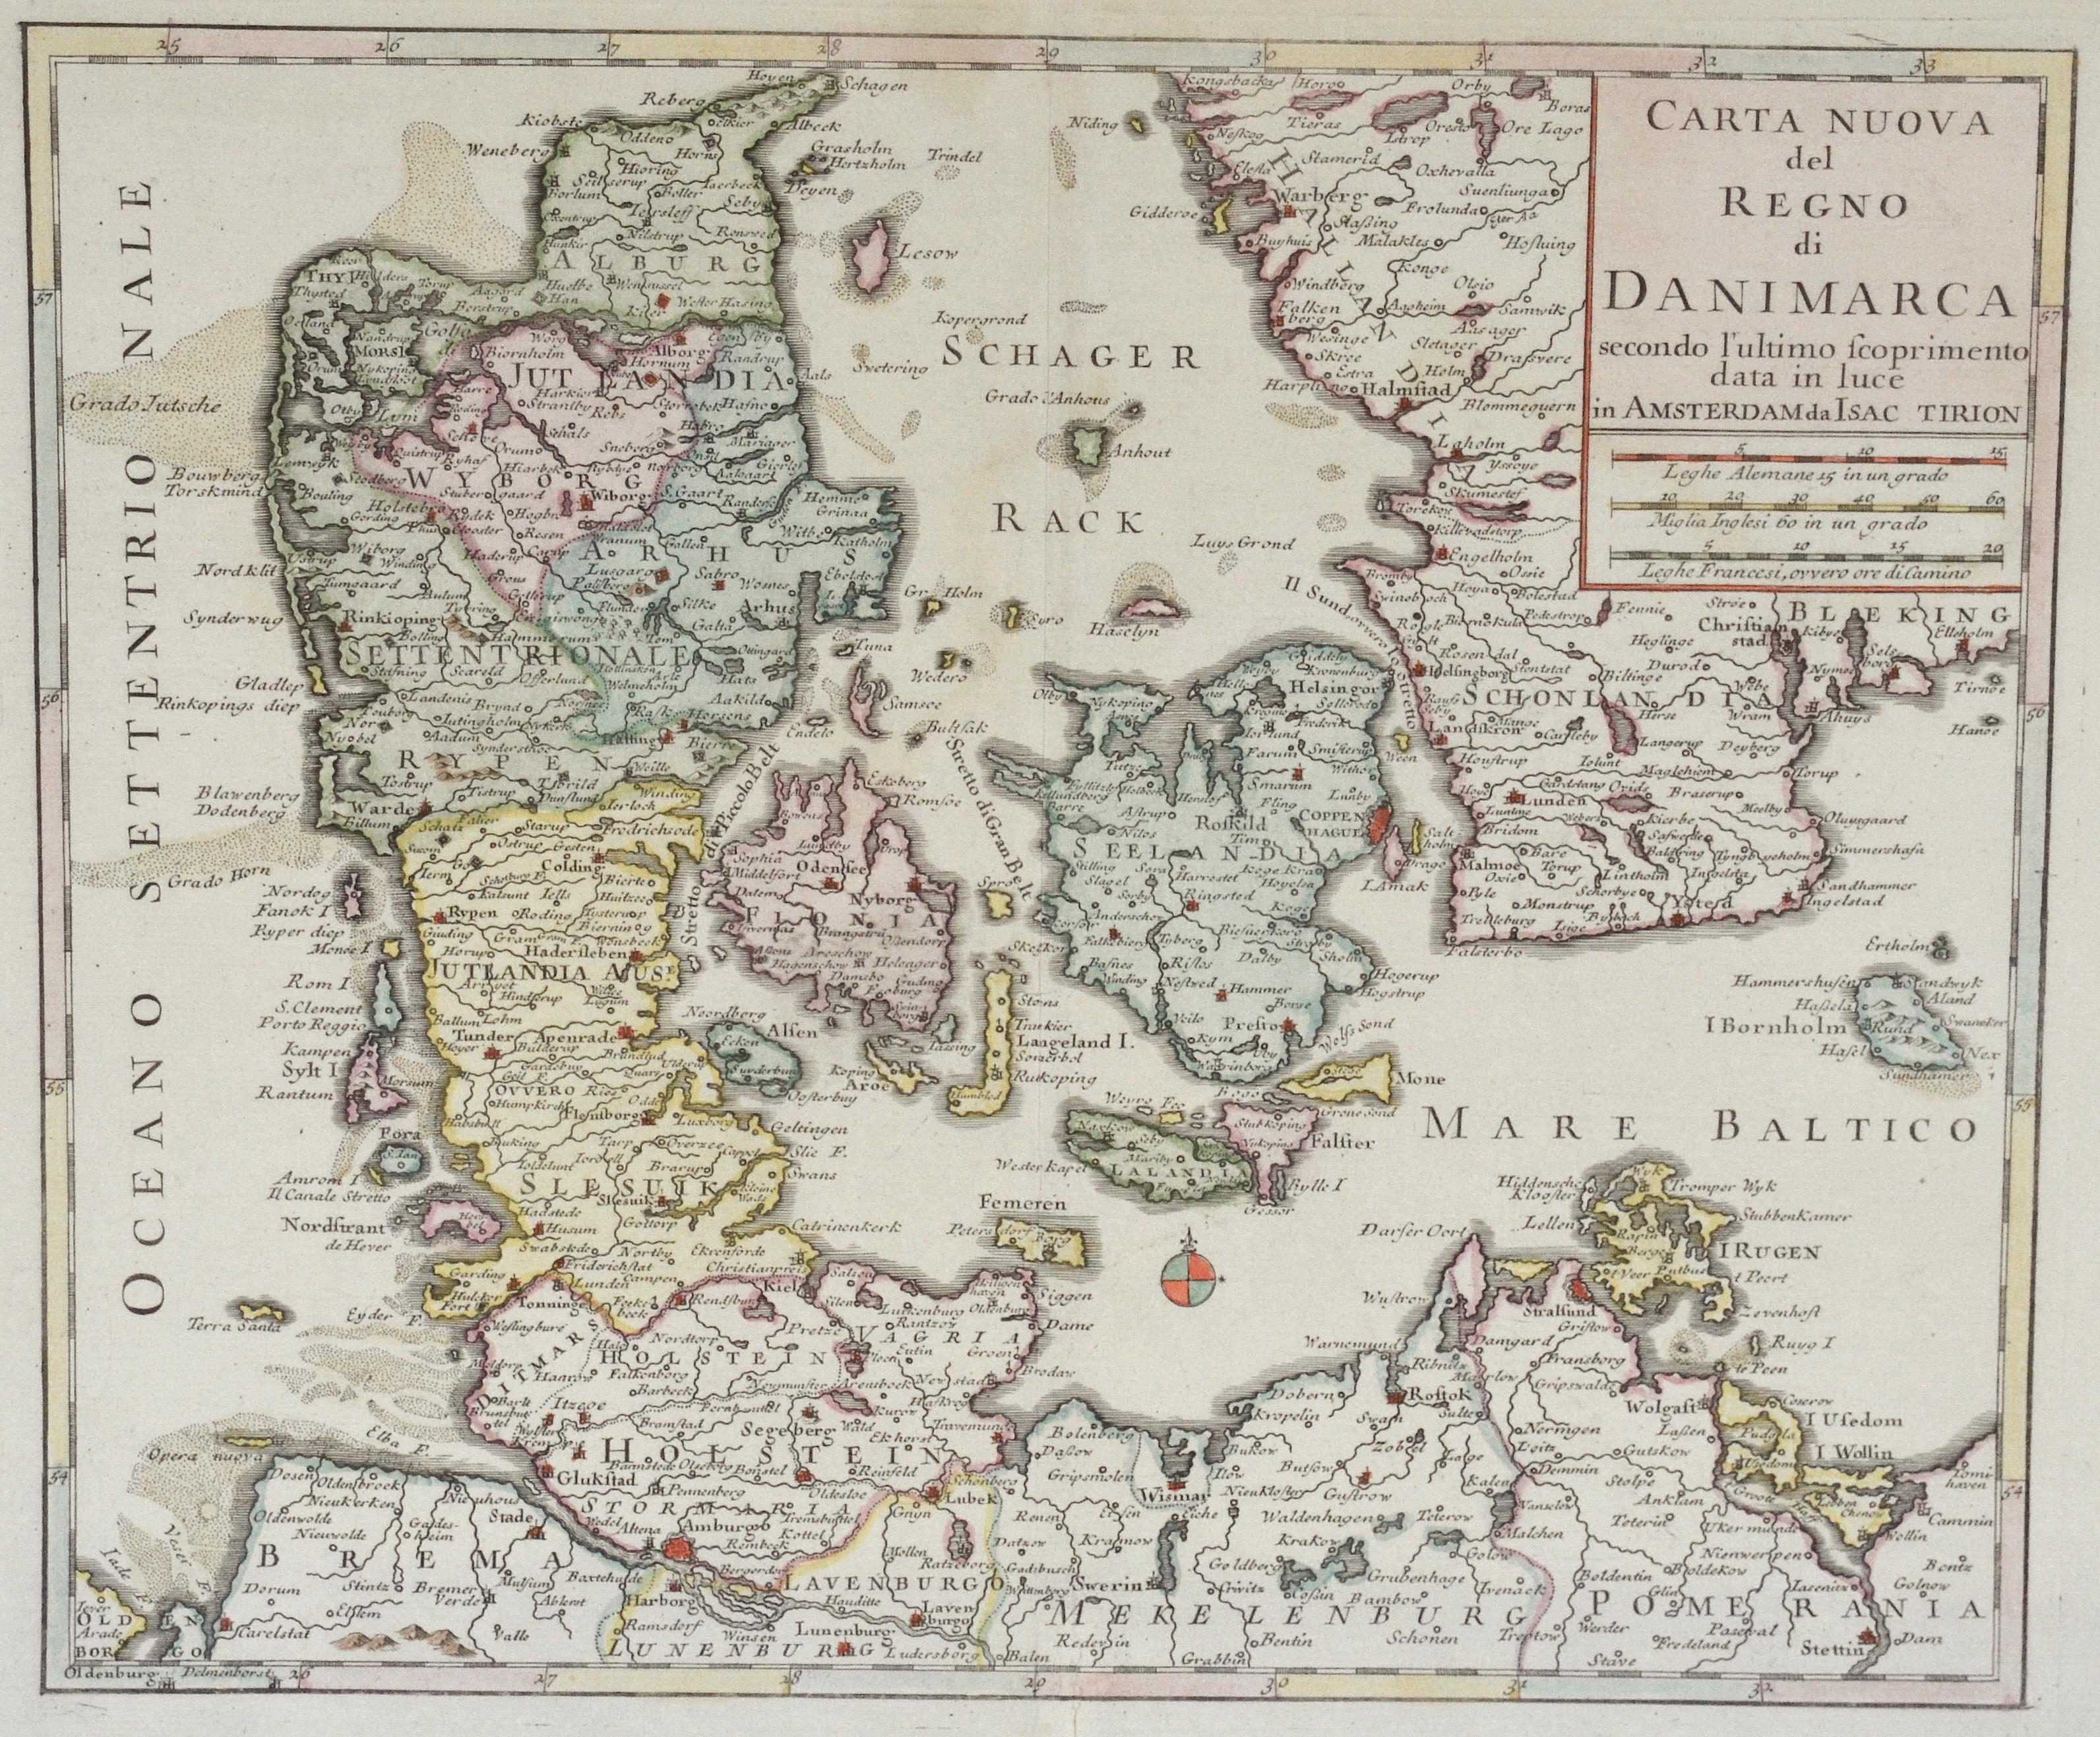 Tirion  Carta Nuova del Regno di Danimarca